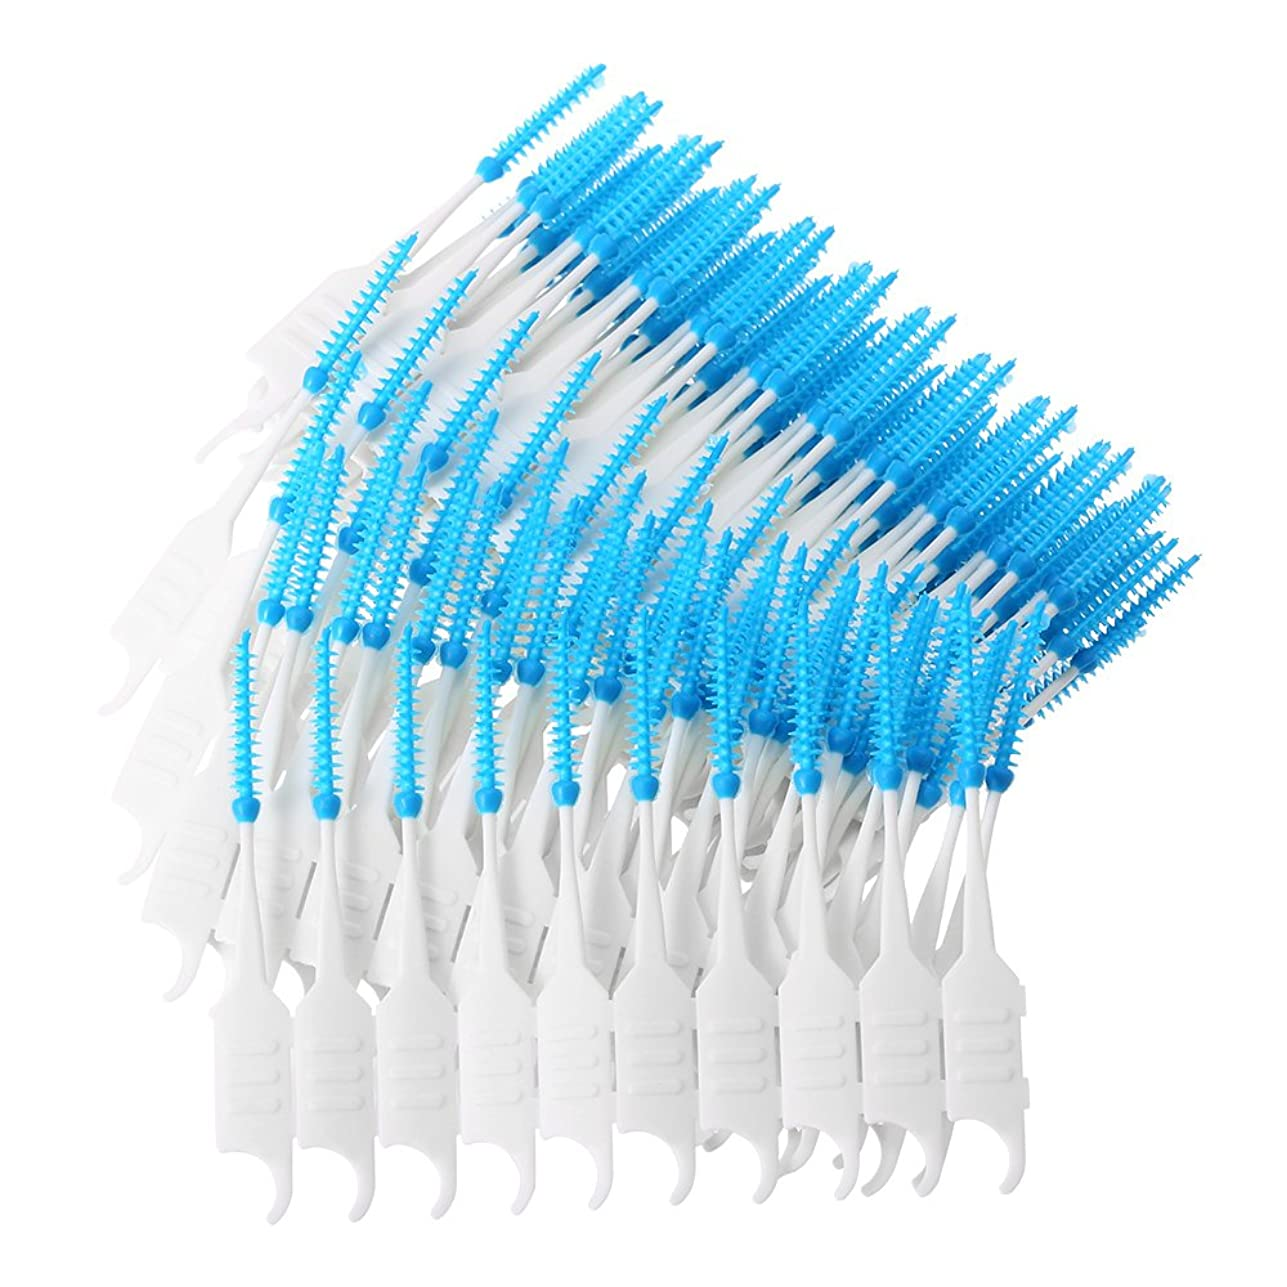 洗剤共和党ショットDecdeal 200個/箱 デンタルフロス 歯間ブラシ 歯スティック 軟質シリコーン ダブルエンド トゥースピックオーラルケア